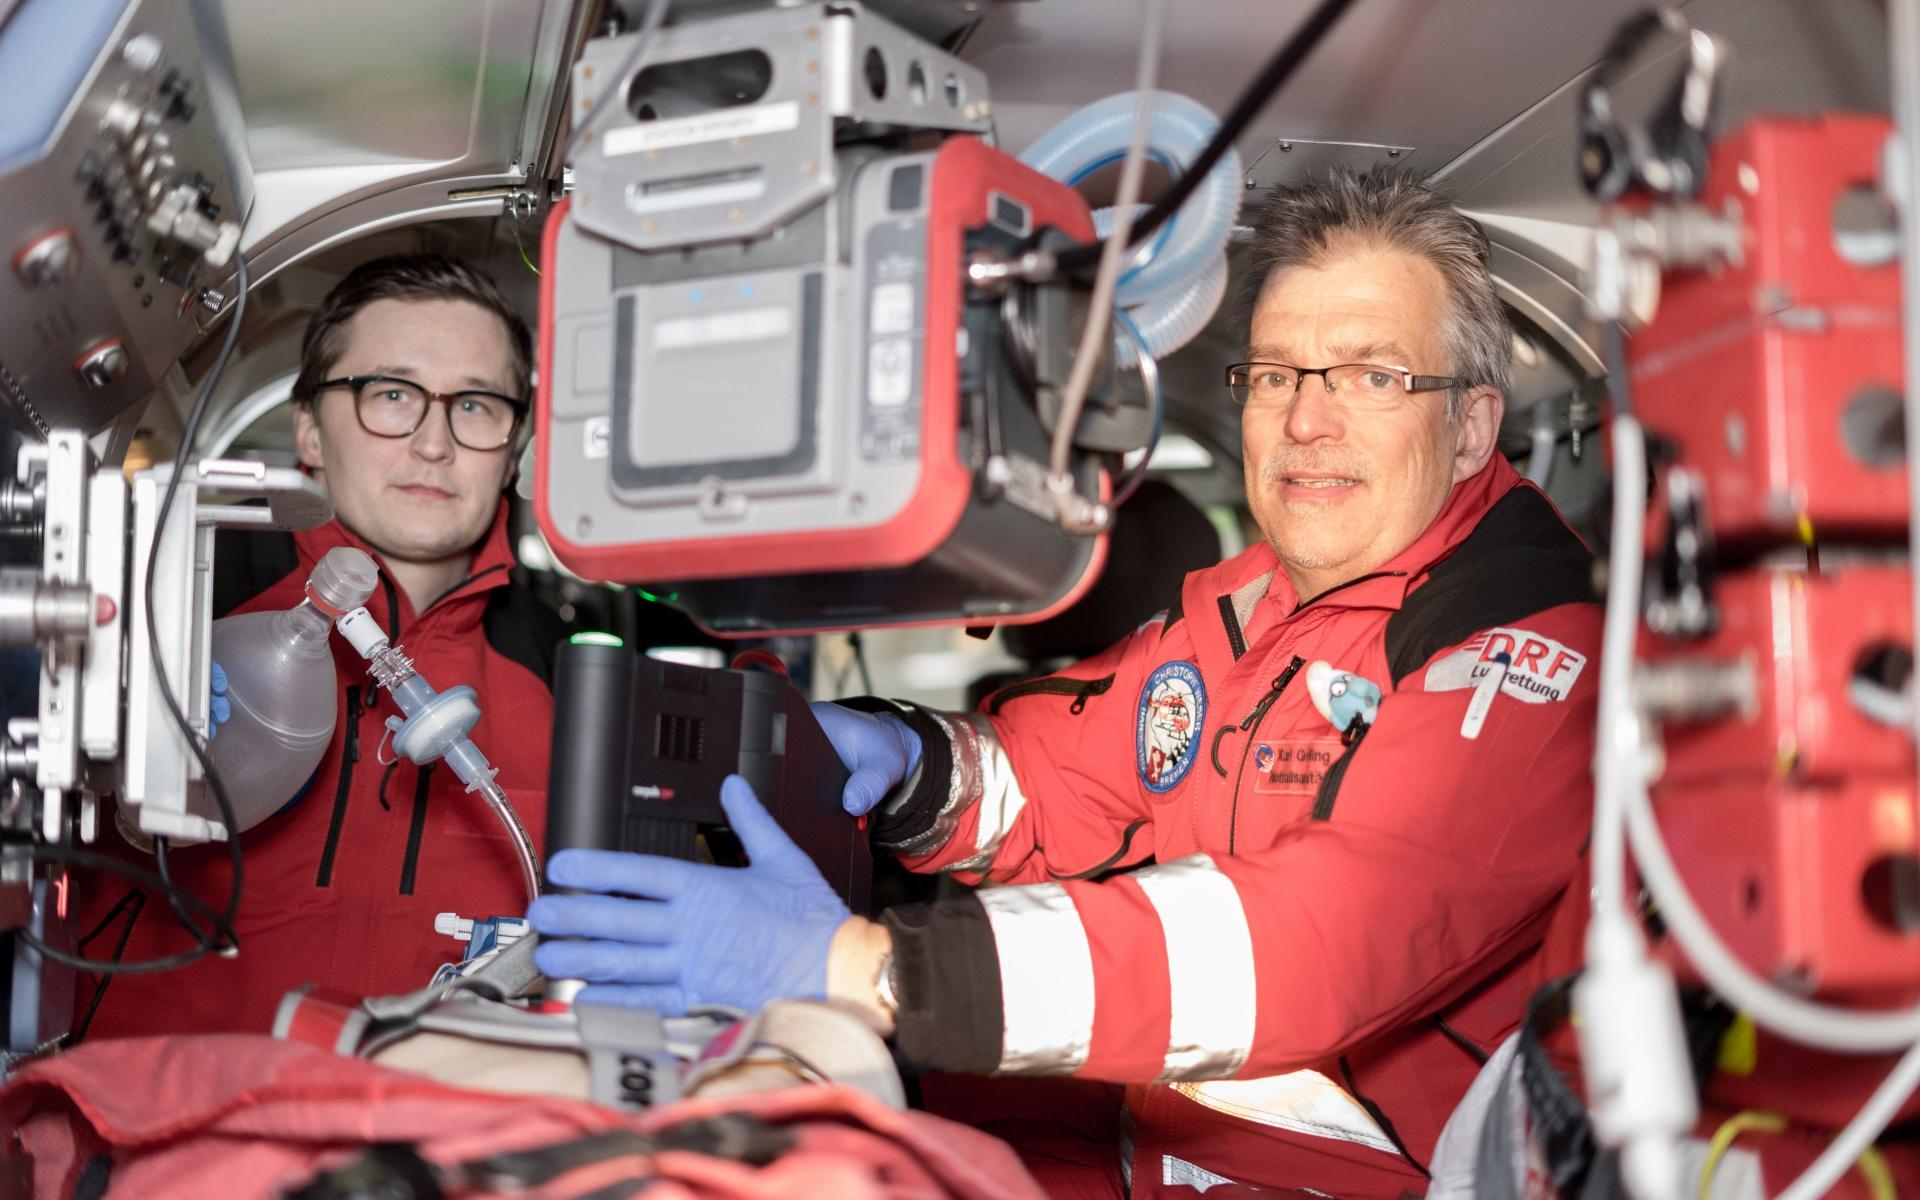 """Als einziger Hubschrauber in der Region kann """"Christoph Weser"""" ab sofort Patienten unter Reanimation fliegen. (Foto: Florian Kater)"""